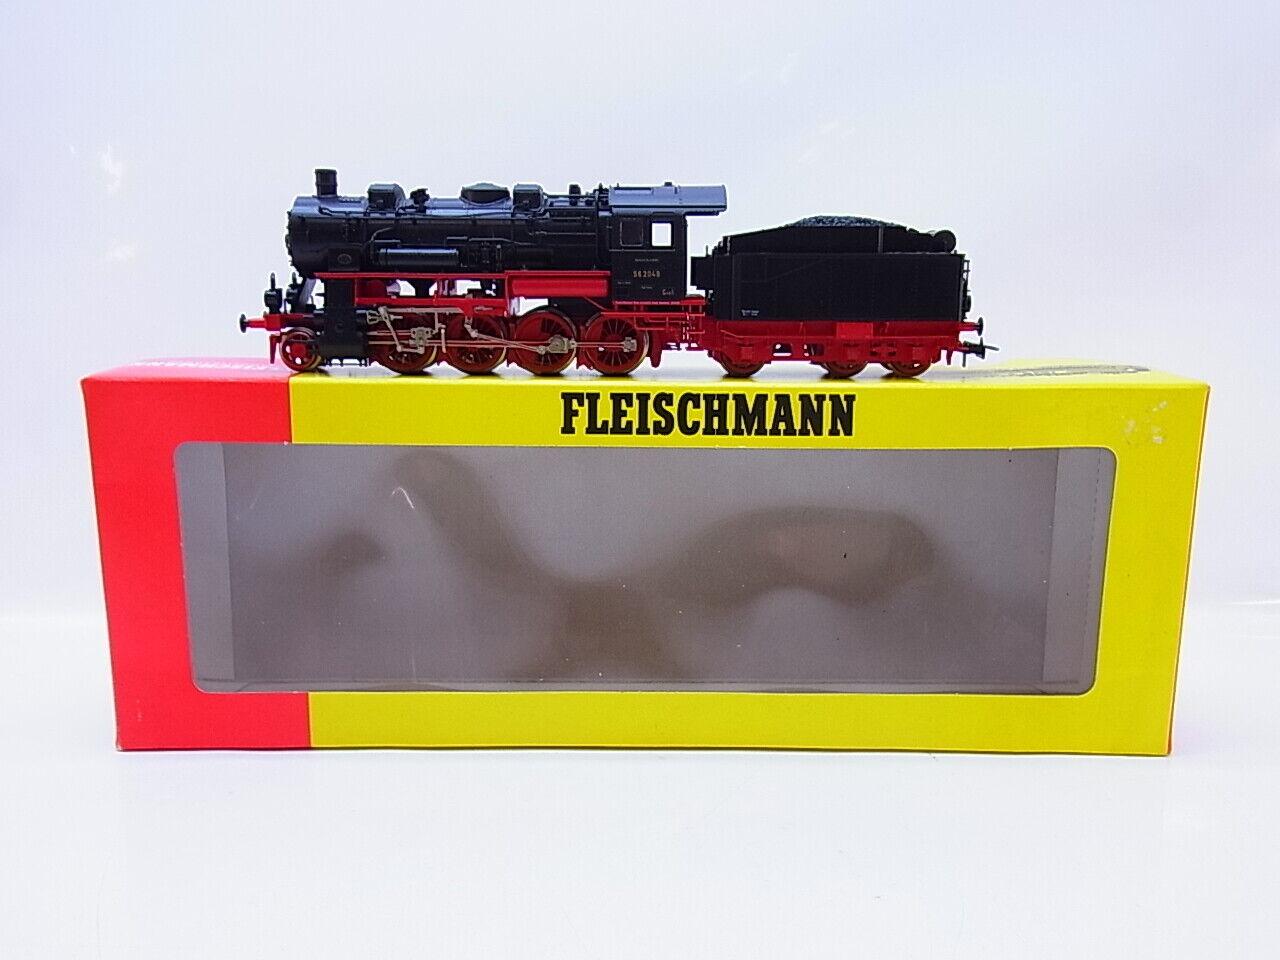 Lot 55699 Fleischmann h0 4156 máquina de vapor con tender br56 de la Dr en OVP